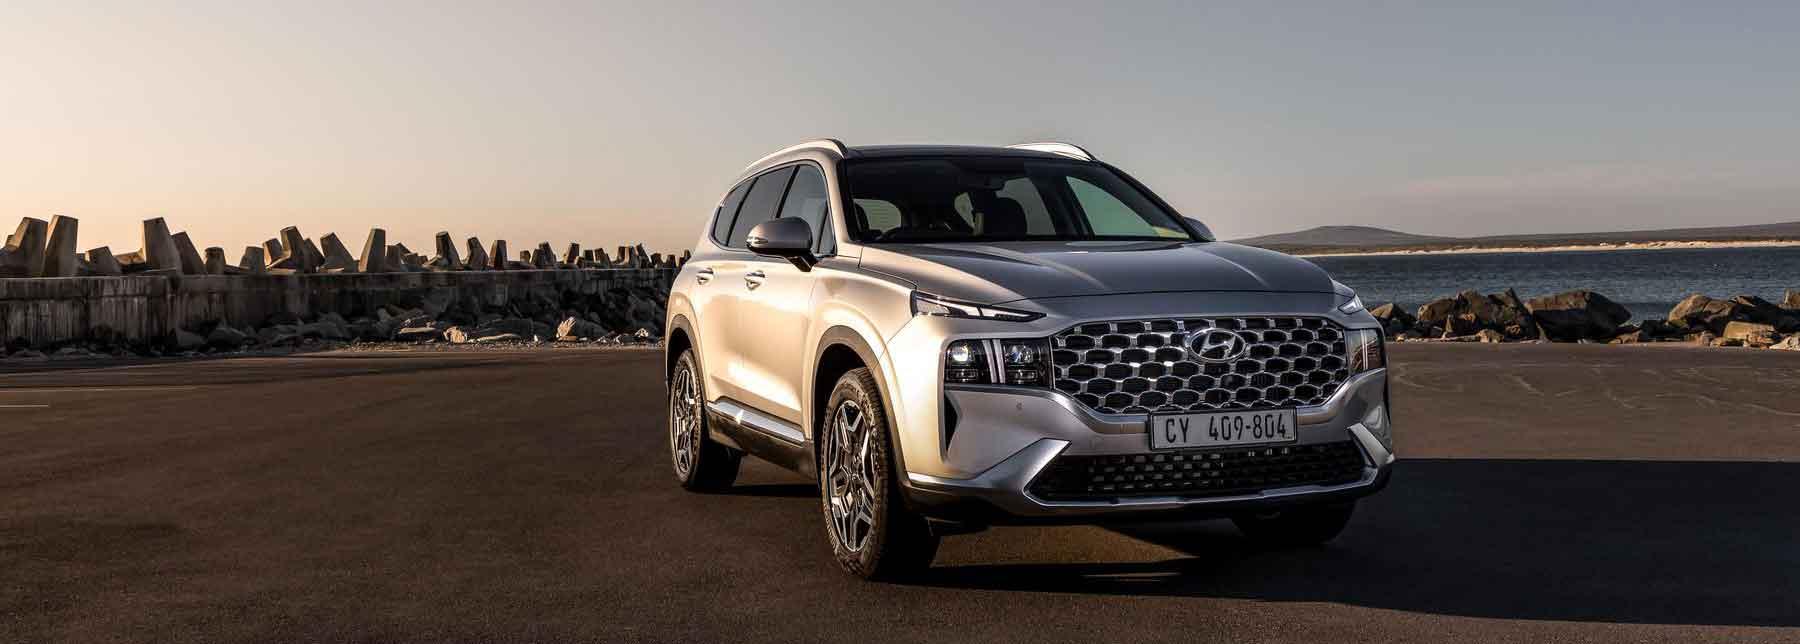 Hyundai updates Santa Fe significantly